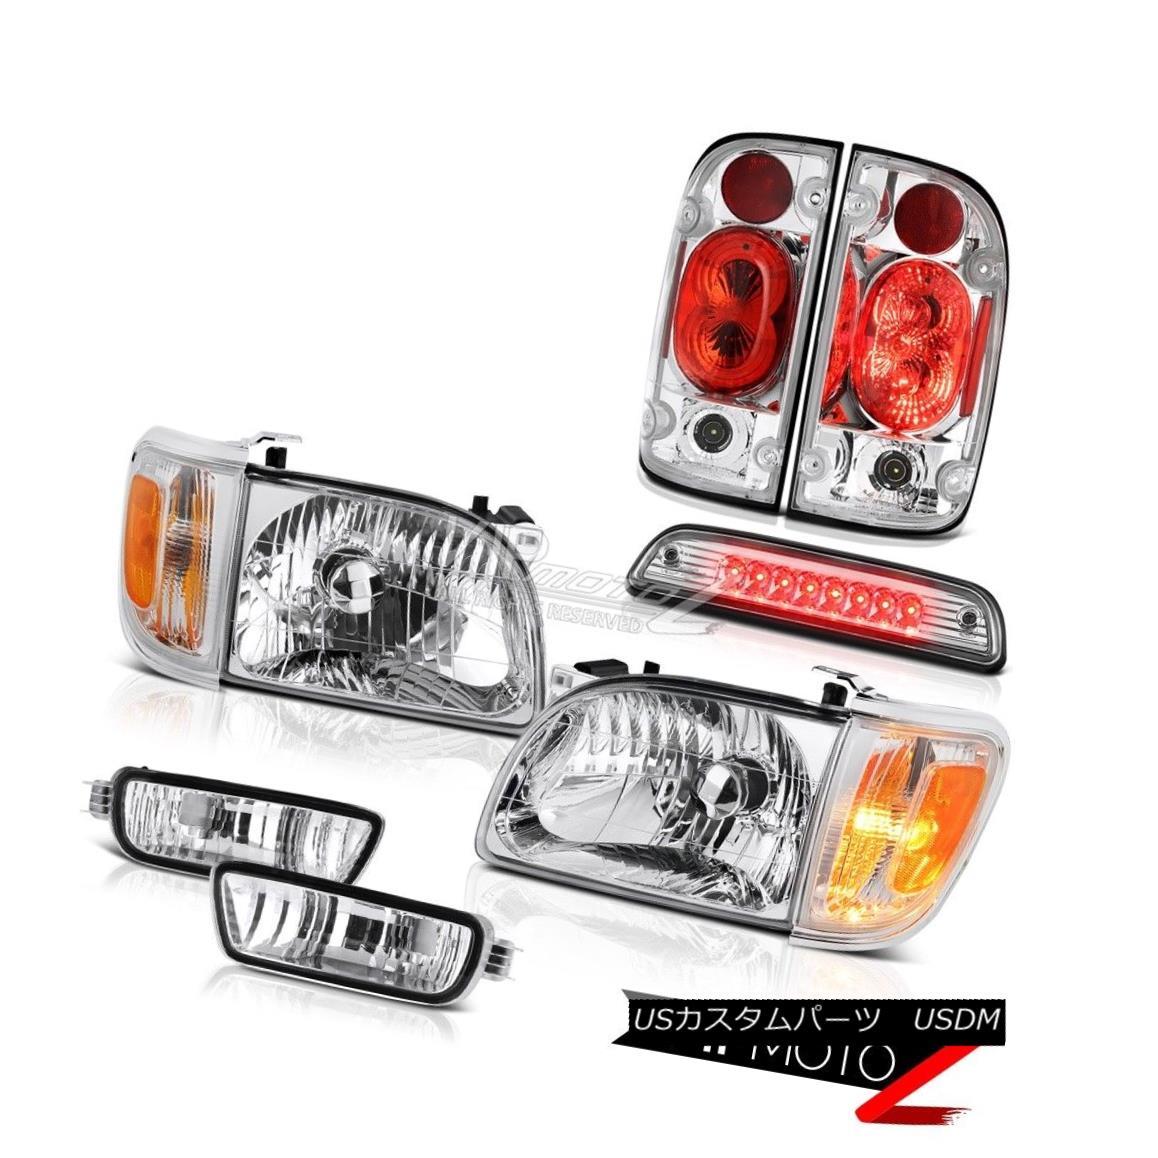 テールライト 01 02 03 04 Toyota Tacoma SR5 Roof cab lamp rear brake lights headlamps bumper 01 02 03 04トヨタタコマSR5ルーフキャブランプリアブレーキライトヘッドランプバンパー